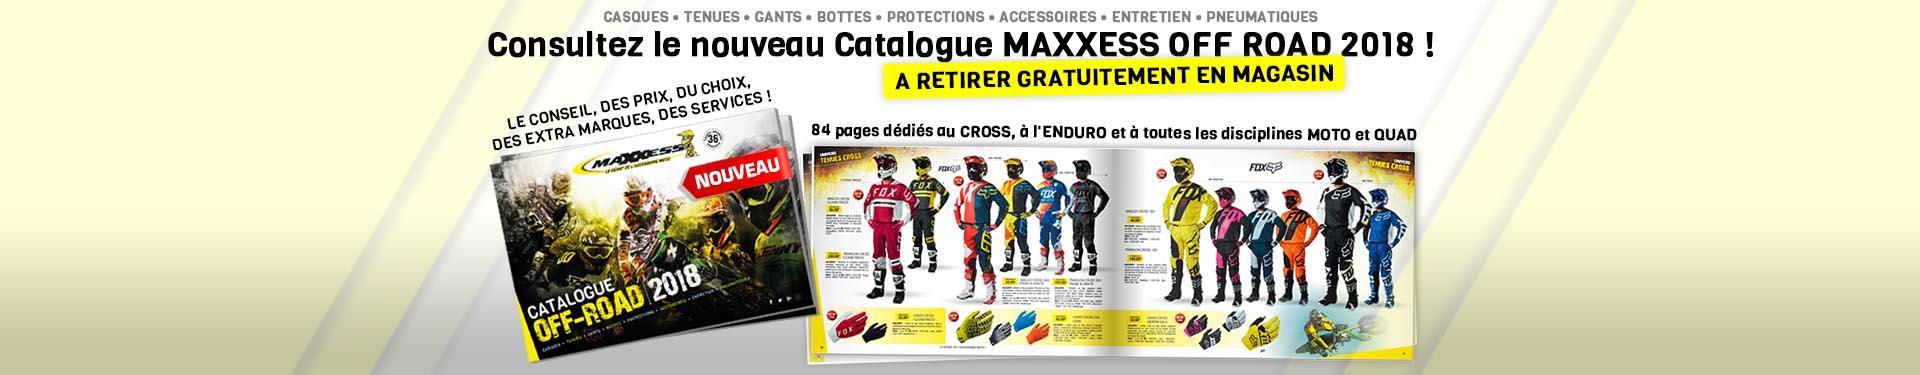 Maxxess - Offroad